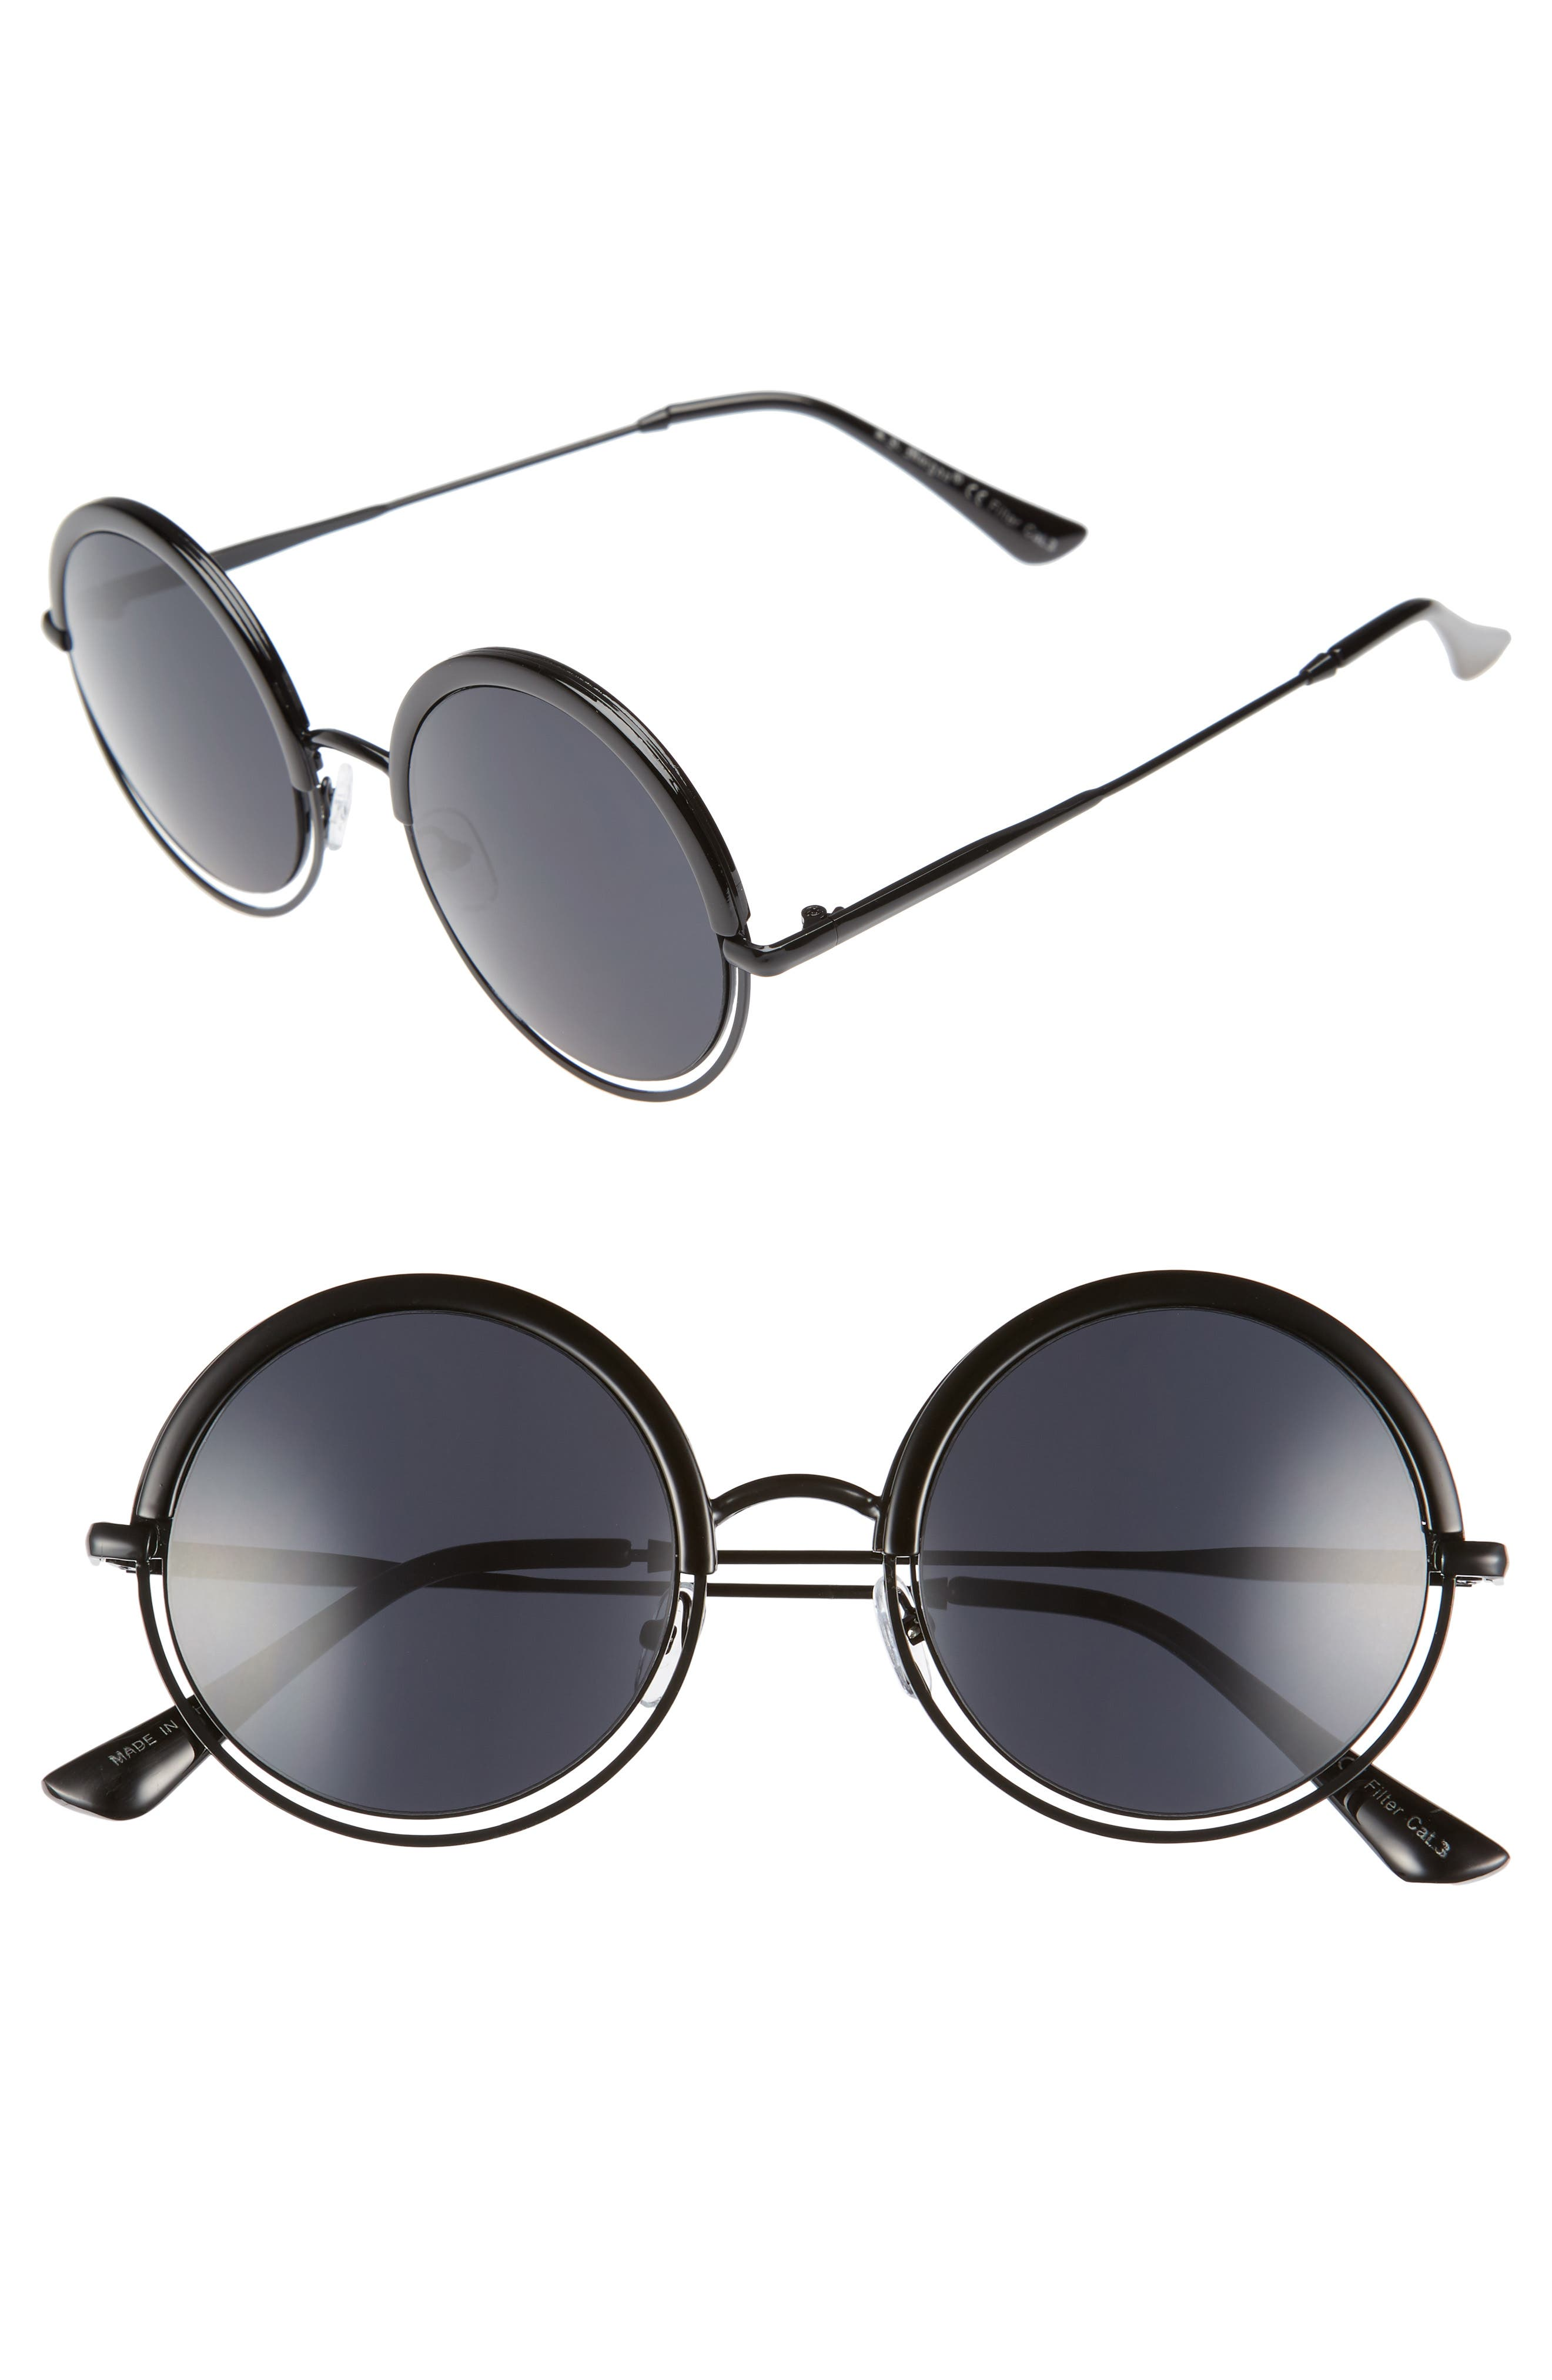 A.J. MORGAN Pancakes 52mm Gradient Lens Round Sunglasses, Main, color, 001